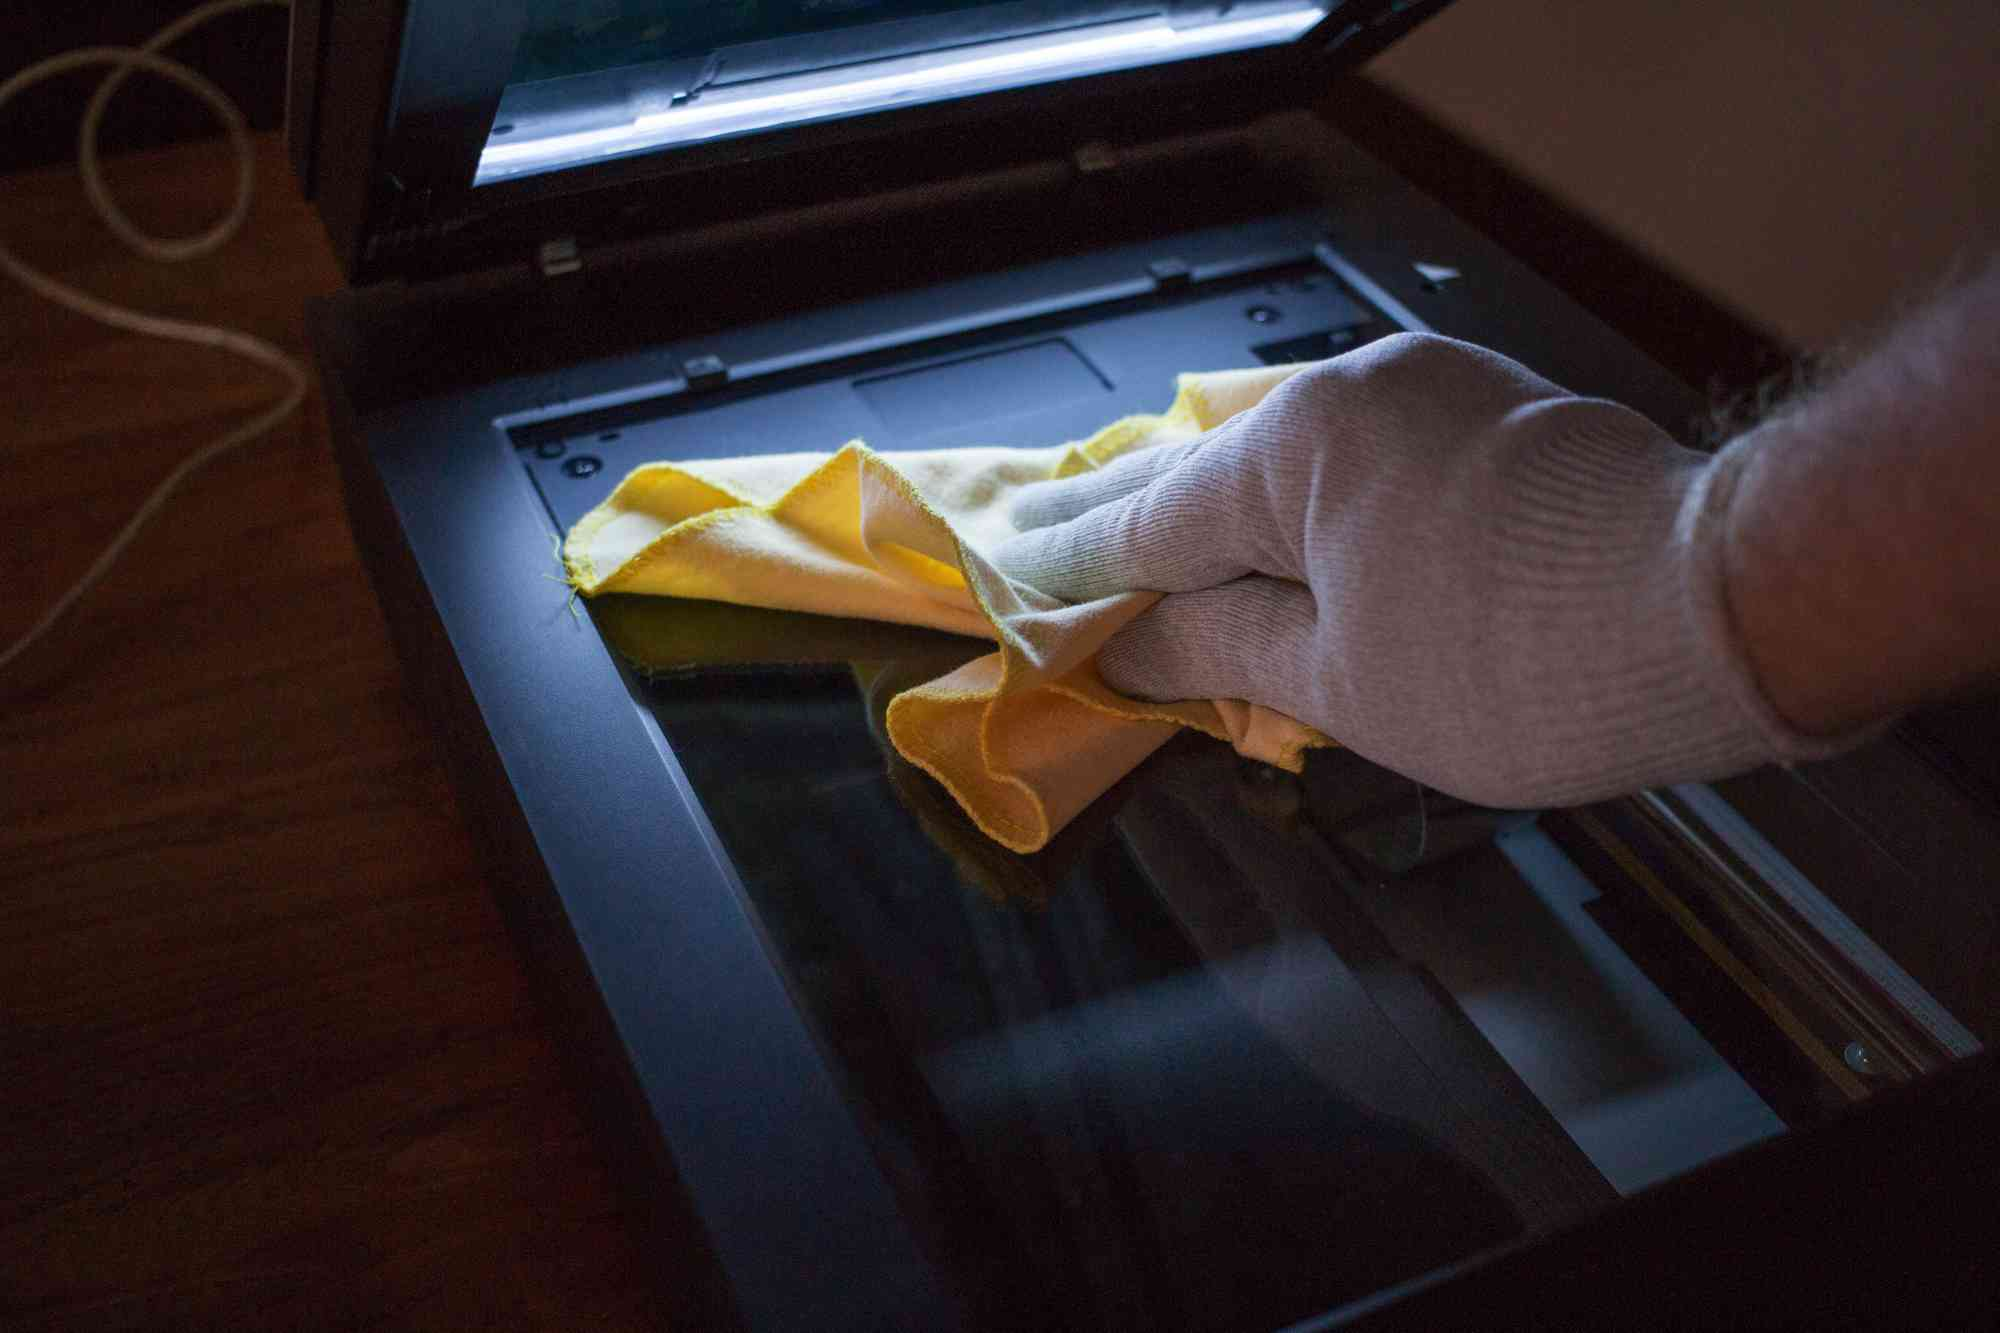 Fotos scannen - Vorbereitung